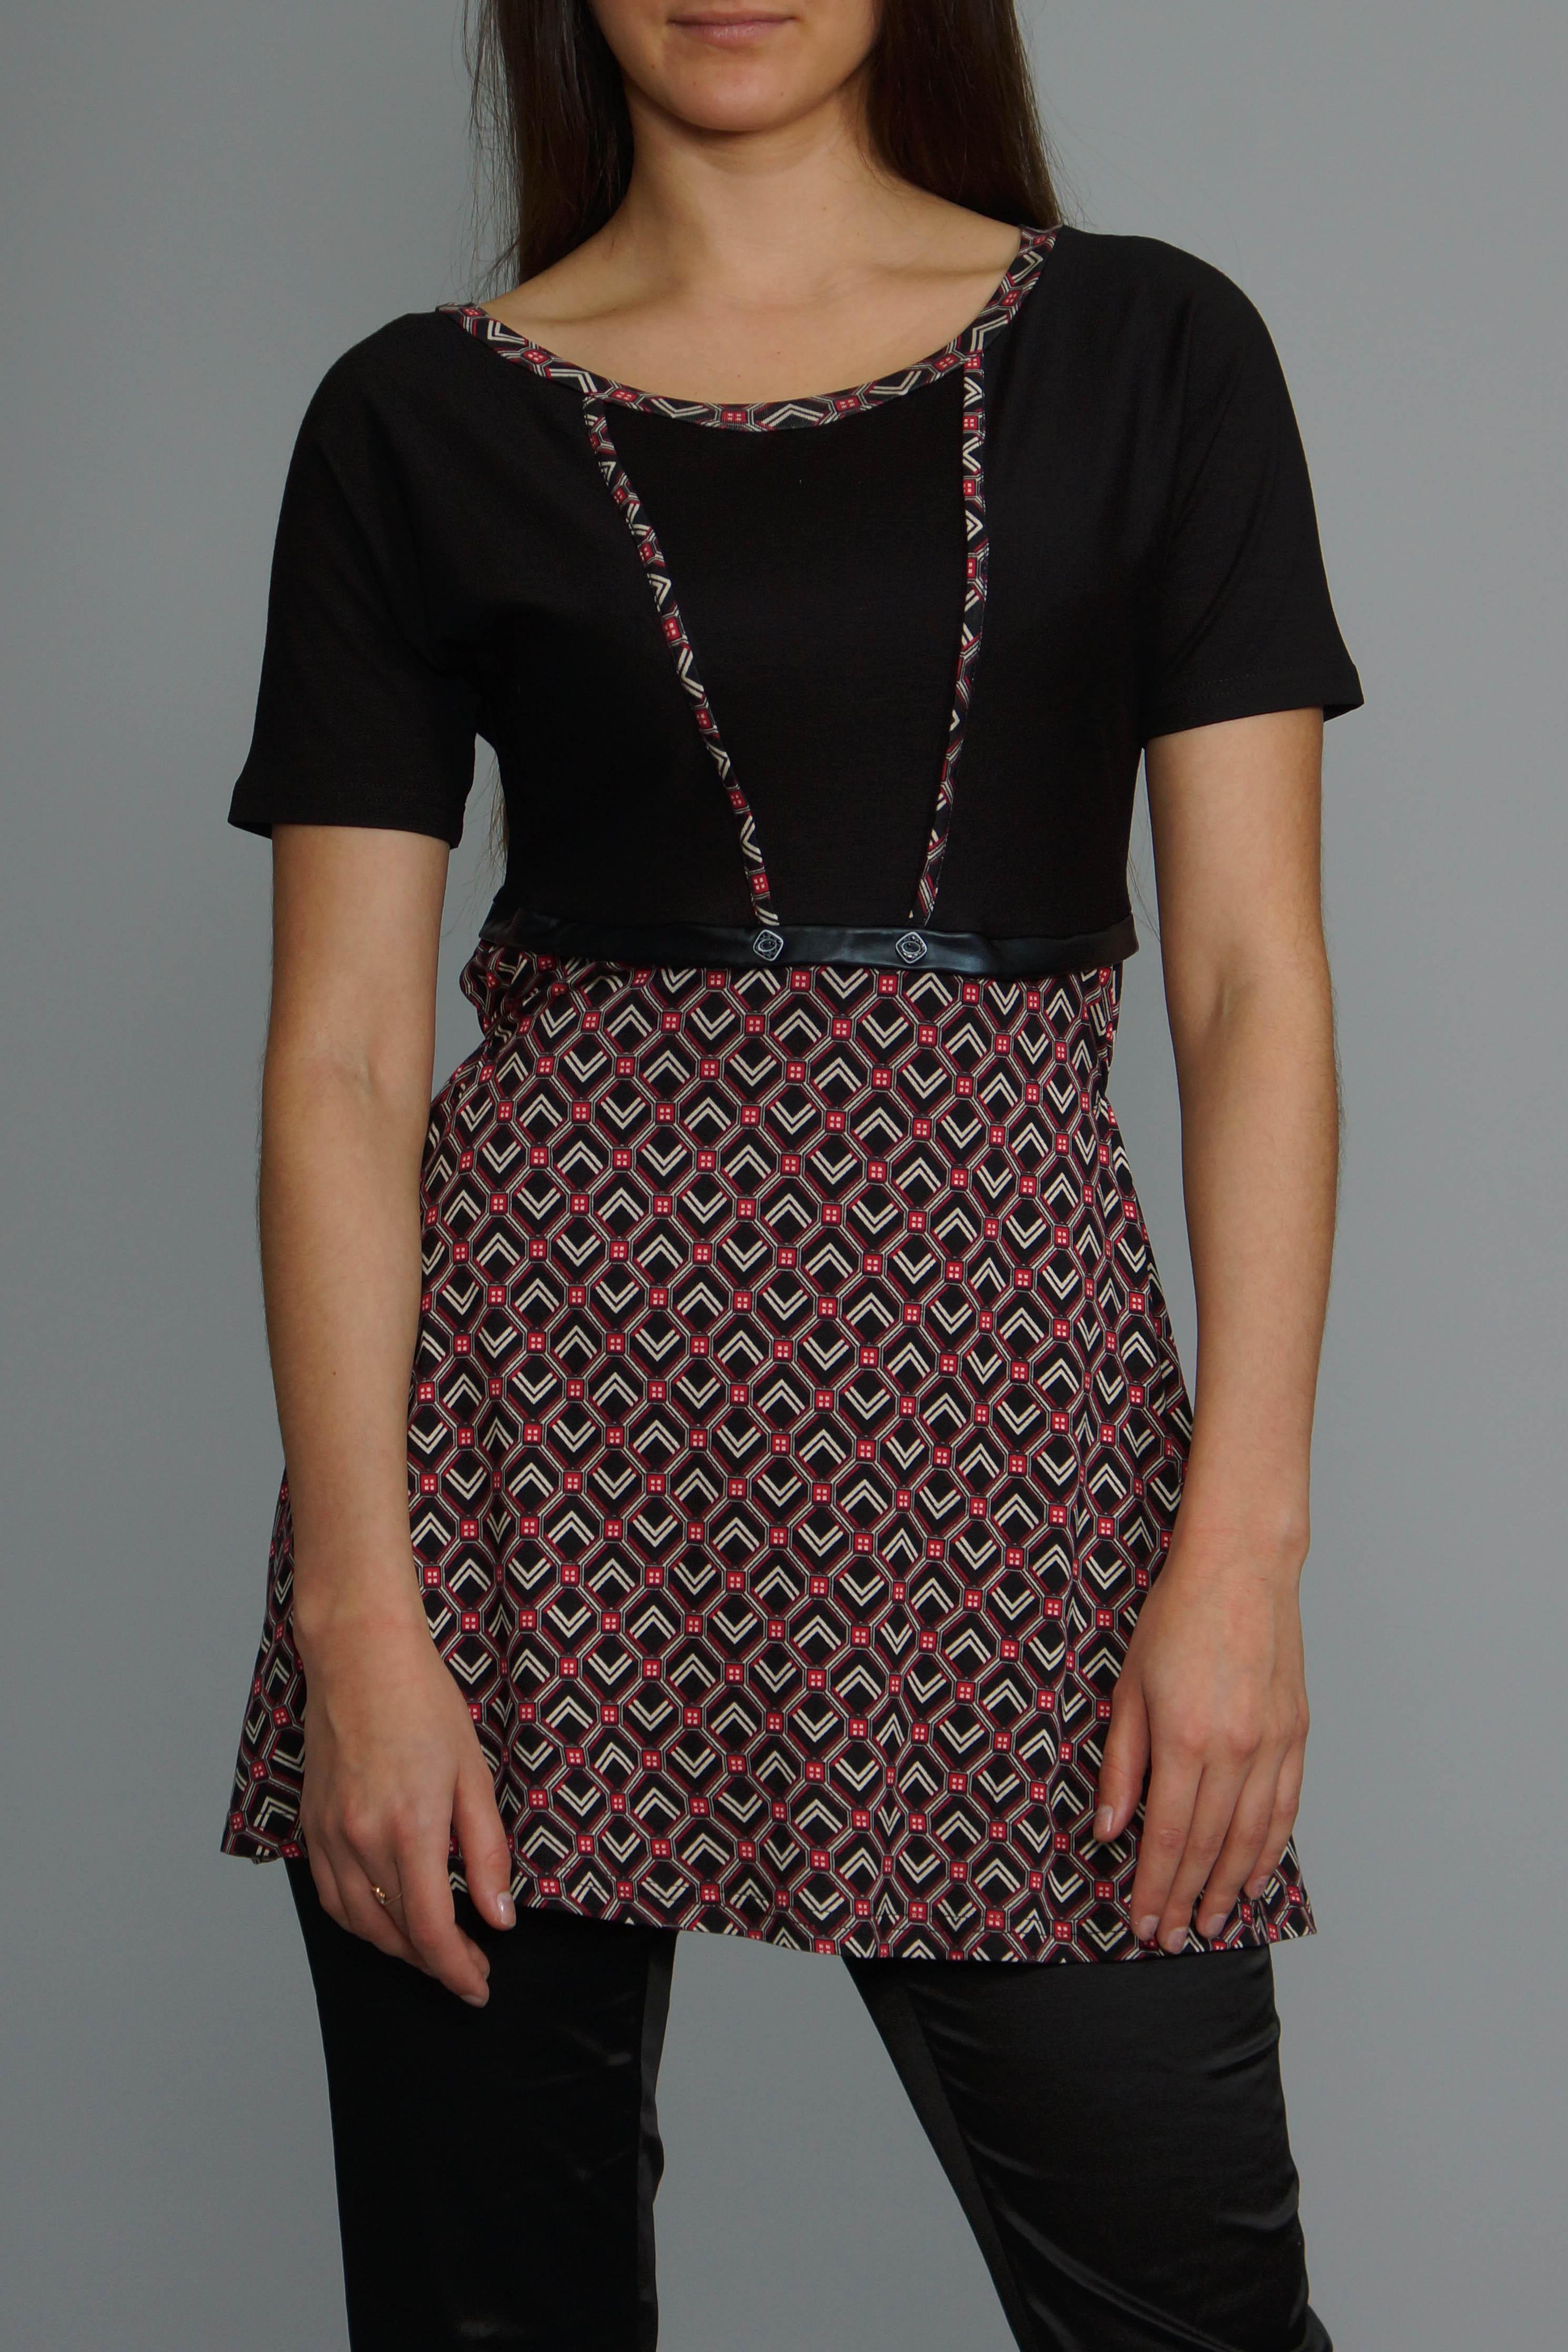 БлузкаБлузки<br>Удлиненная блузка с круглой горловиной и короткими рукавами. Модель выполнена из приятного материала. Отличный выбор для повседневного гардероба.   В изделии использованы цвета: черный и др.<br><br>Горловина: С- горловина<br>По материалу: Вискоза<br>По рисунку: С принтом,Цветные<br>По сезону: Весна,Зима,Лето,Осень,Всесезон<br>По силуэту: Полуприталенные<br>По стилю: Повседневный стиль<br>Рукав: Короткий рукав<br>Размер : 50<br>Материал: Вискоза<br>Количество в наличии: 1